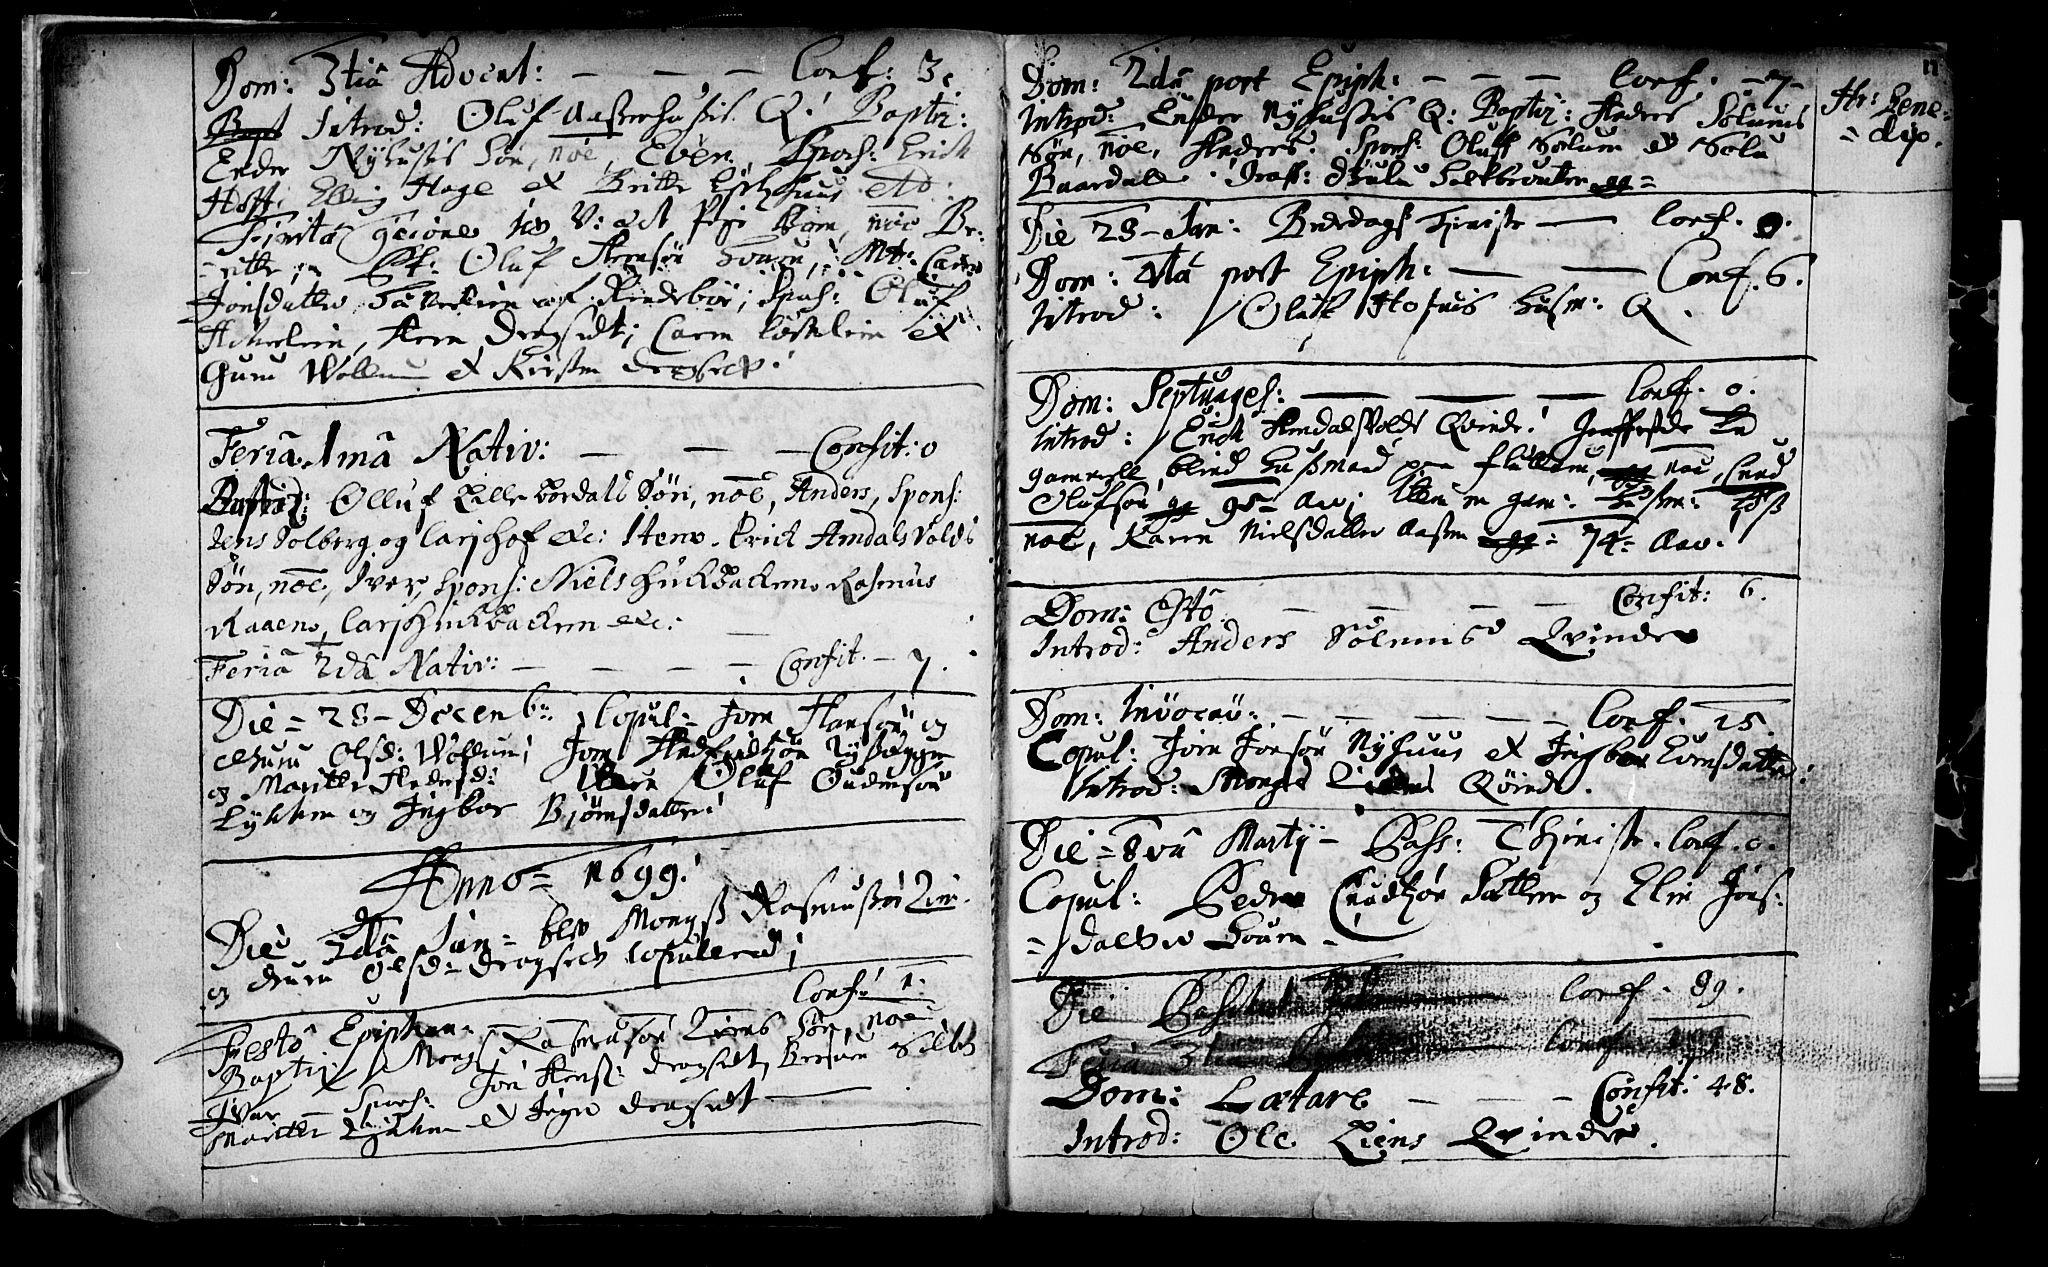 SAT, Ministerialprotokoller, klokkerbøker og fødselsregistre - Sør-Trøndelag, 689/L1036: Ministerialbok nr. 689A01, 1696-1746, s. 11